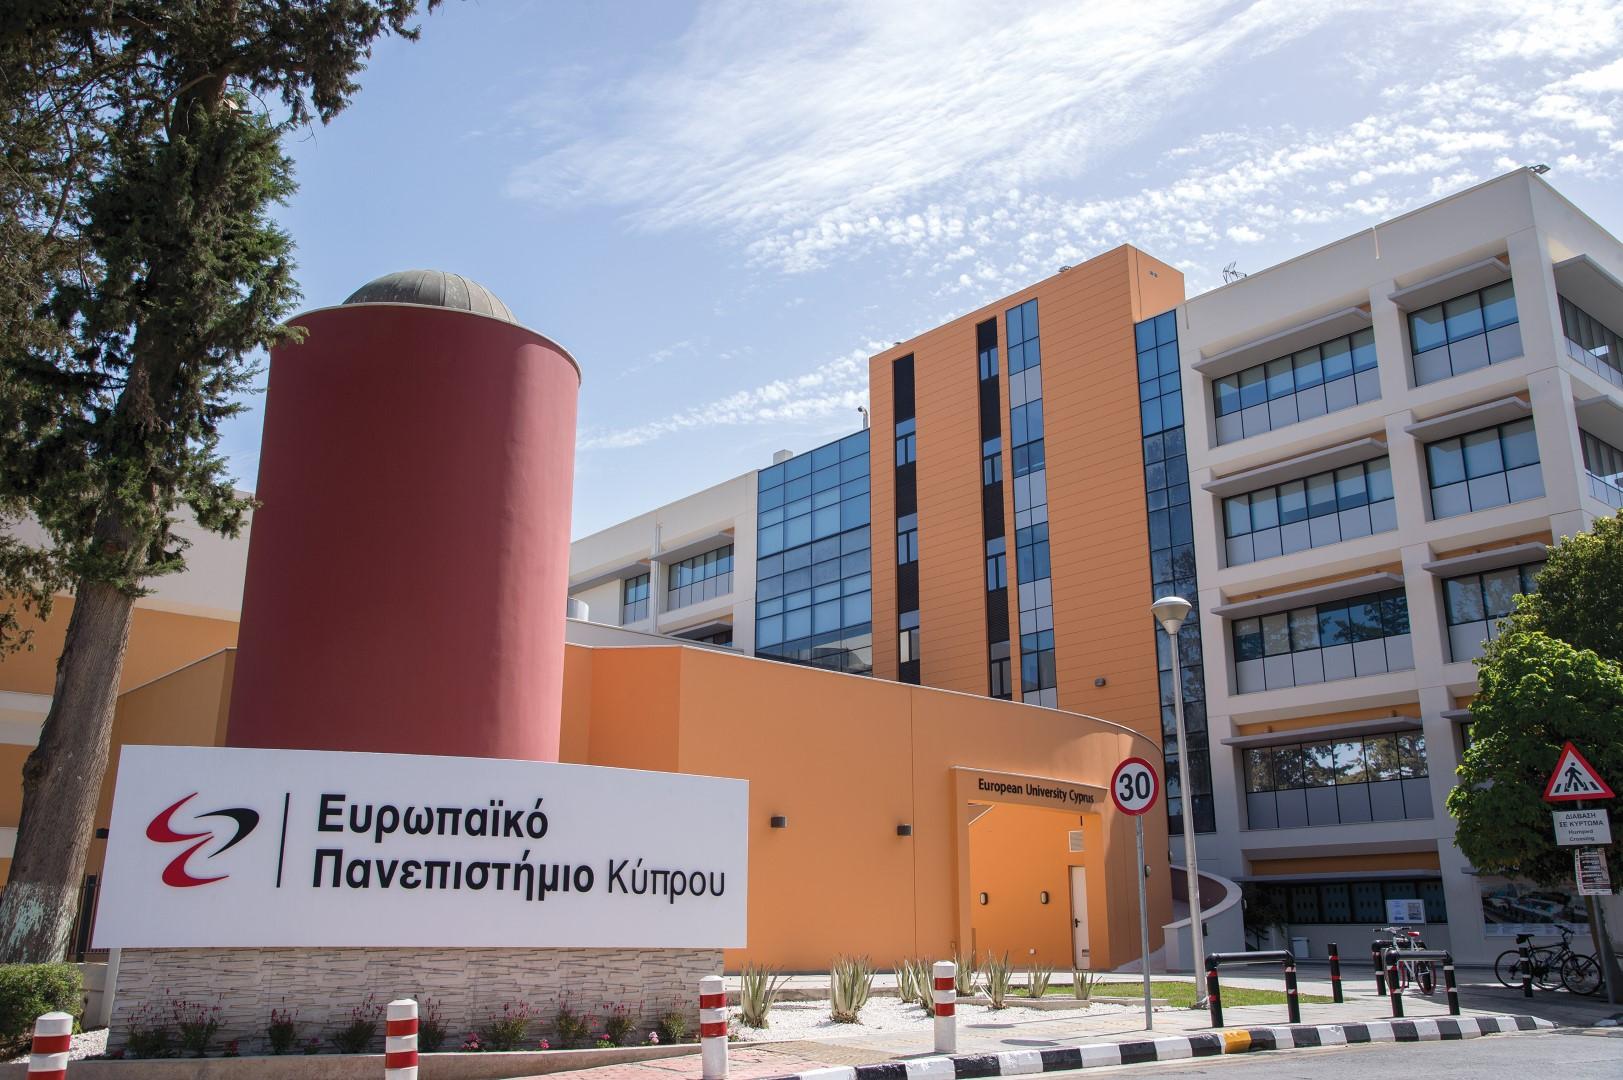 Σειρά Διαλέξεων για τη Δημόσια Υγεία από το Ευρωπαϊκό Πανεπιστήμιο Κύπρου